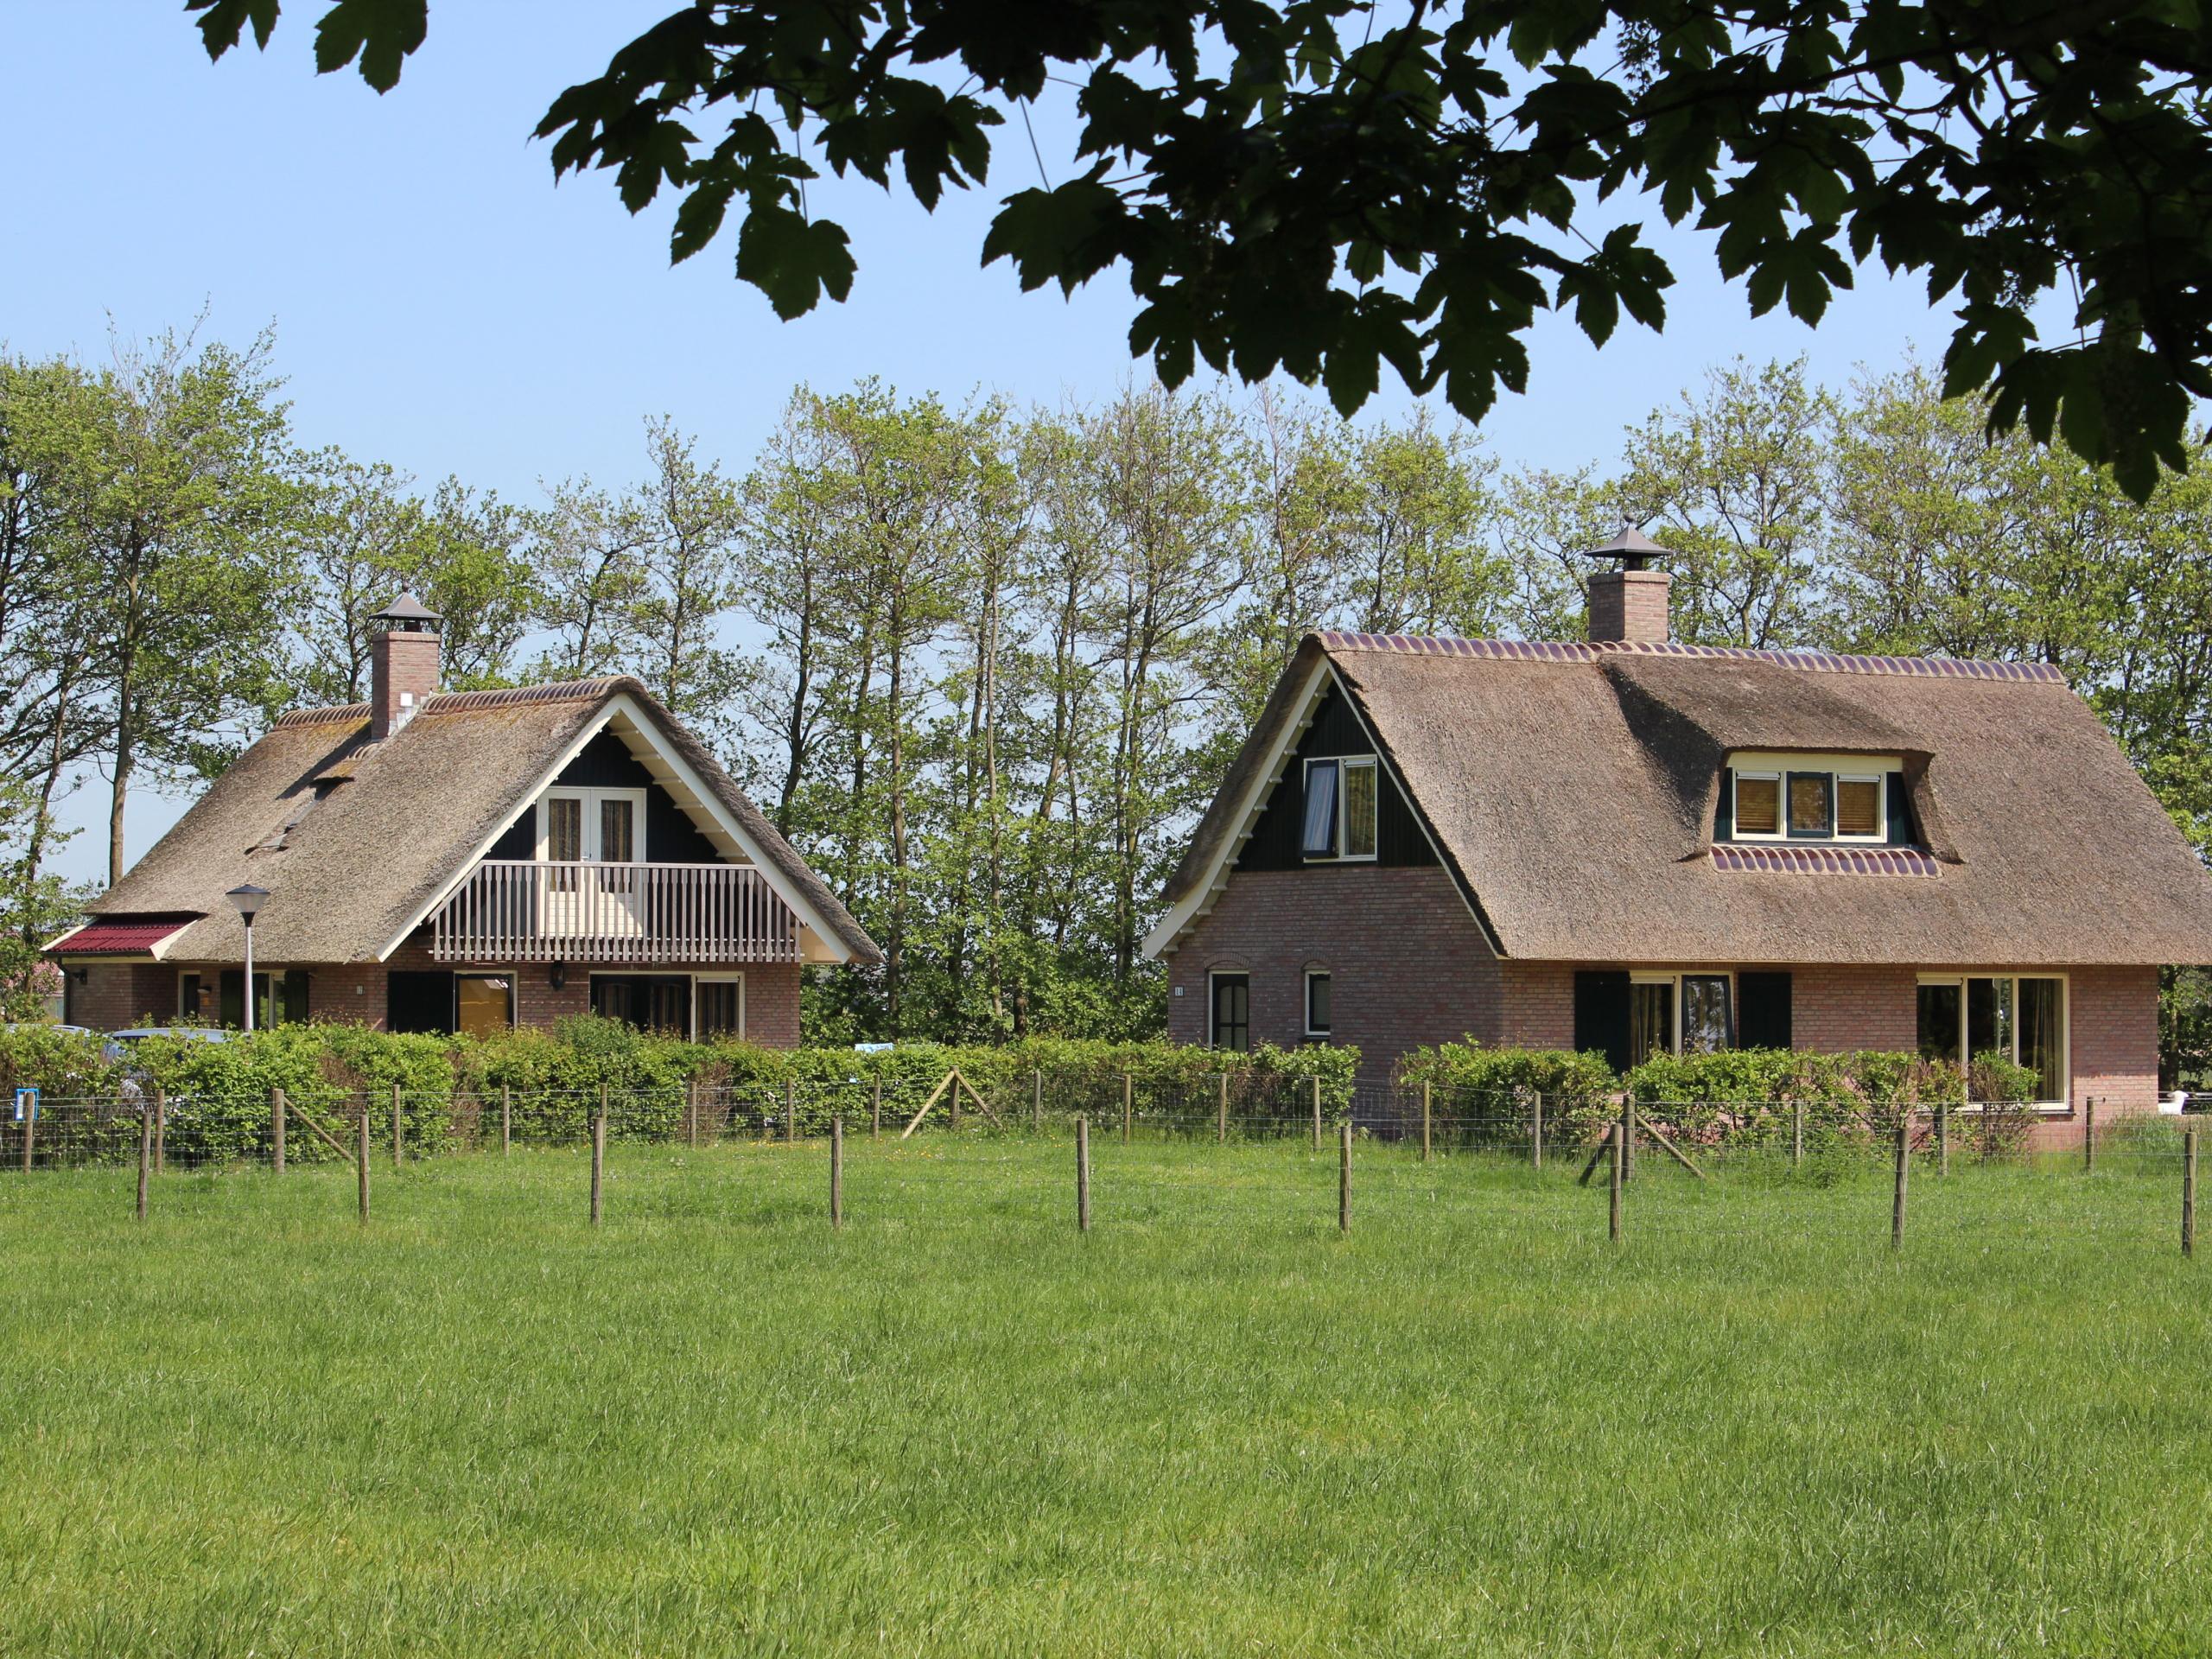 Stijlvol comfortabel vakantiehuis met rieten dak vlakbij De Koog